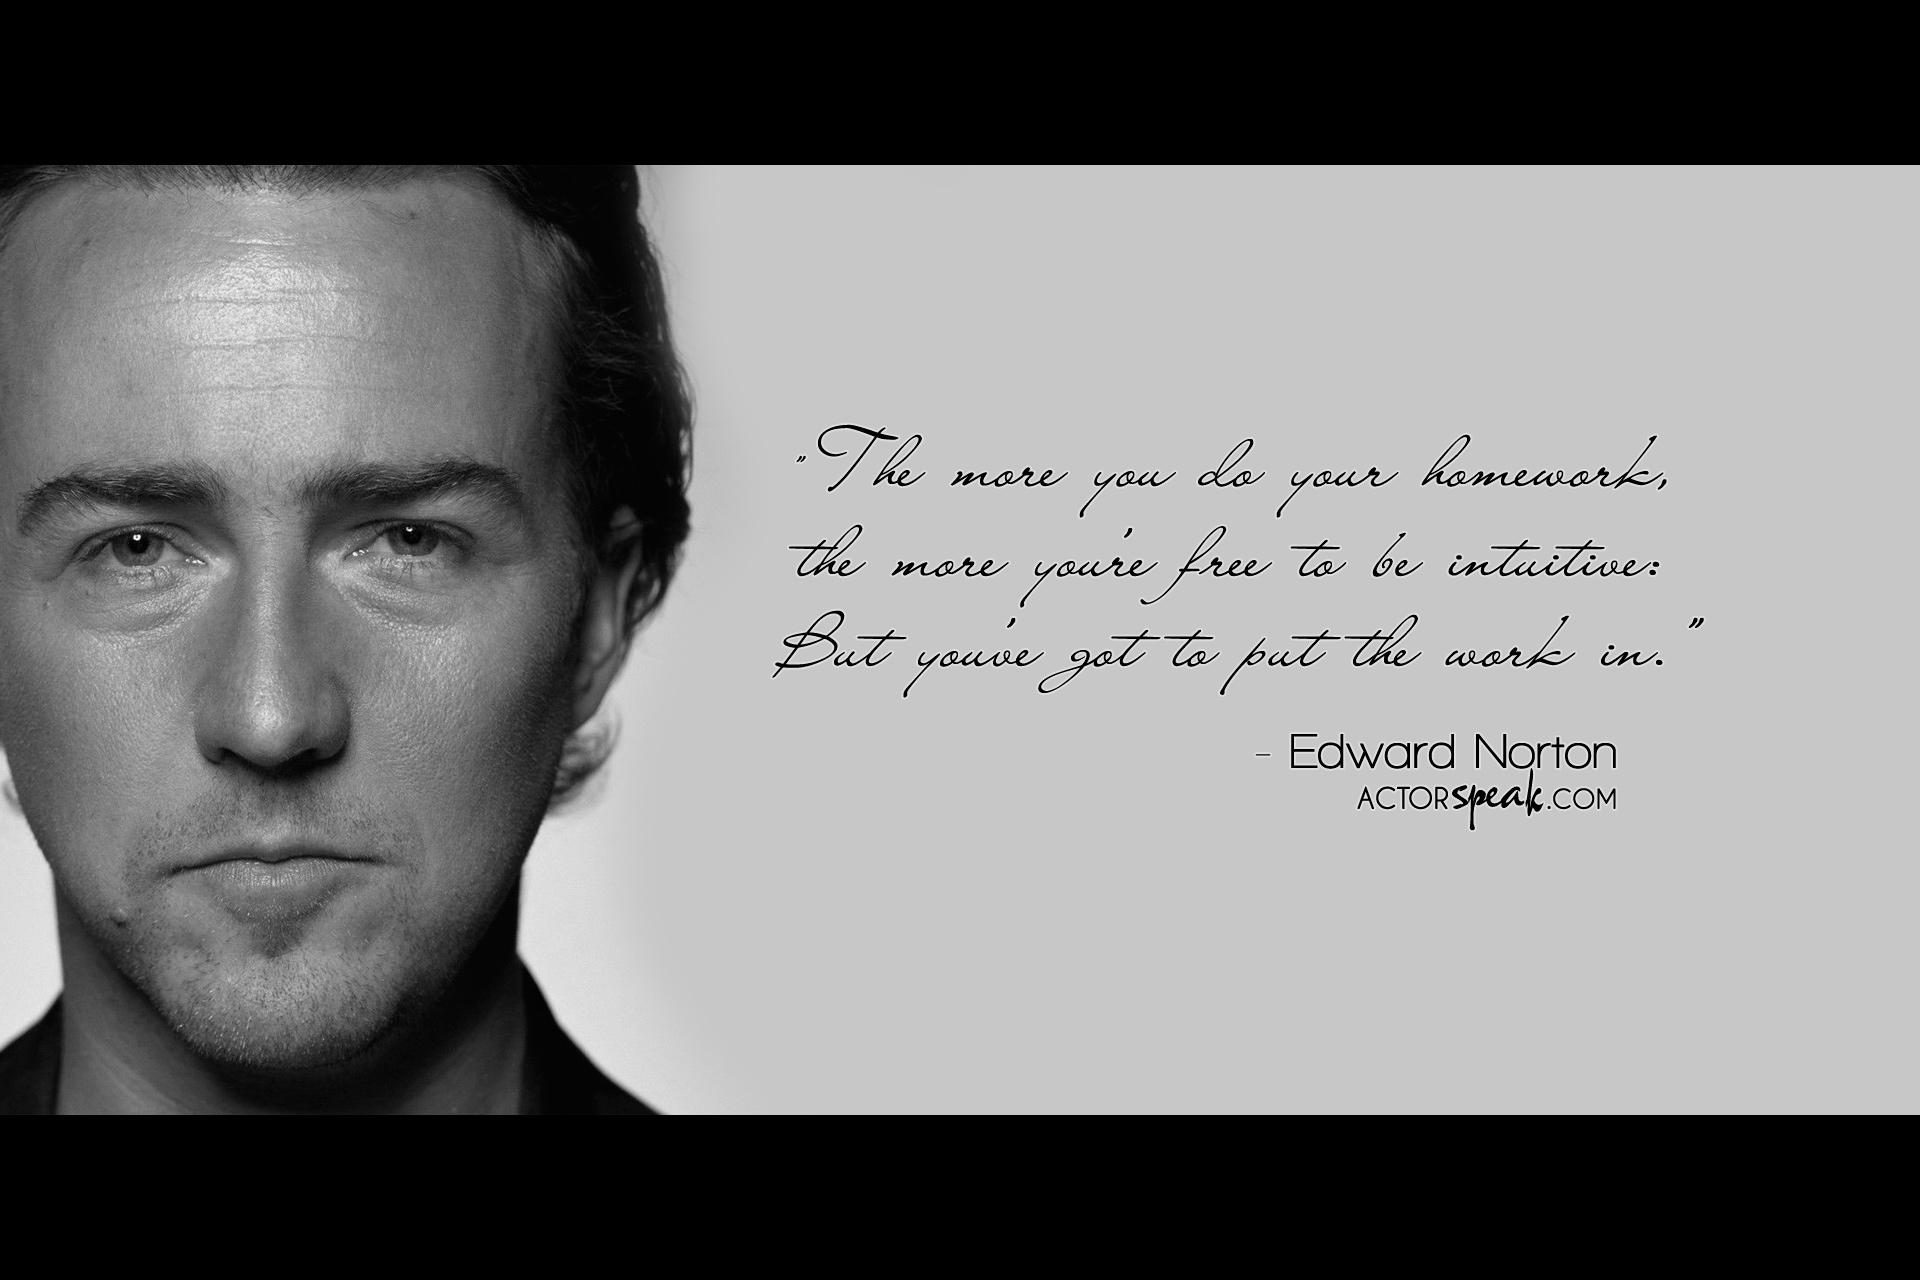 Edward Norton's quote #1